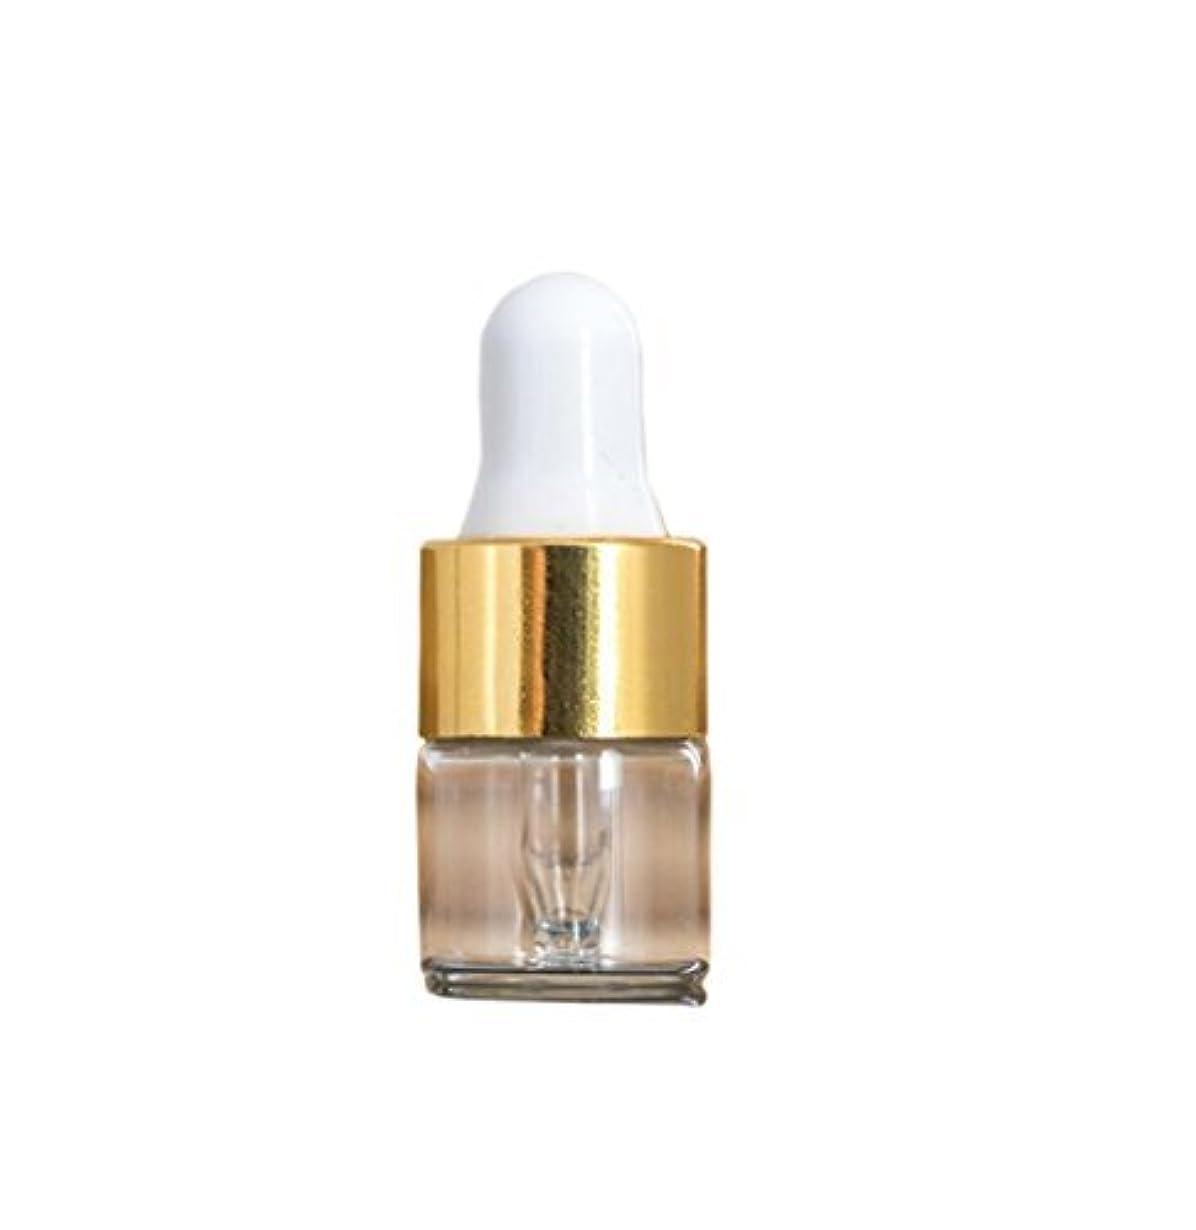 逆に永遠に中絶Clear Glass Mini 1ml 15 Pcs Refillable Essential Oil Dropper Bottles Containers Cosmetic Sample Bottles Aromatherapy...